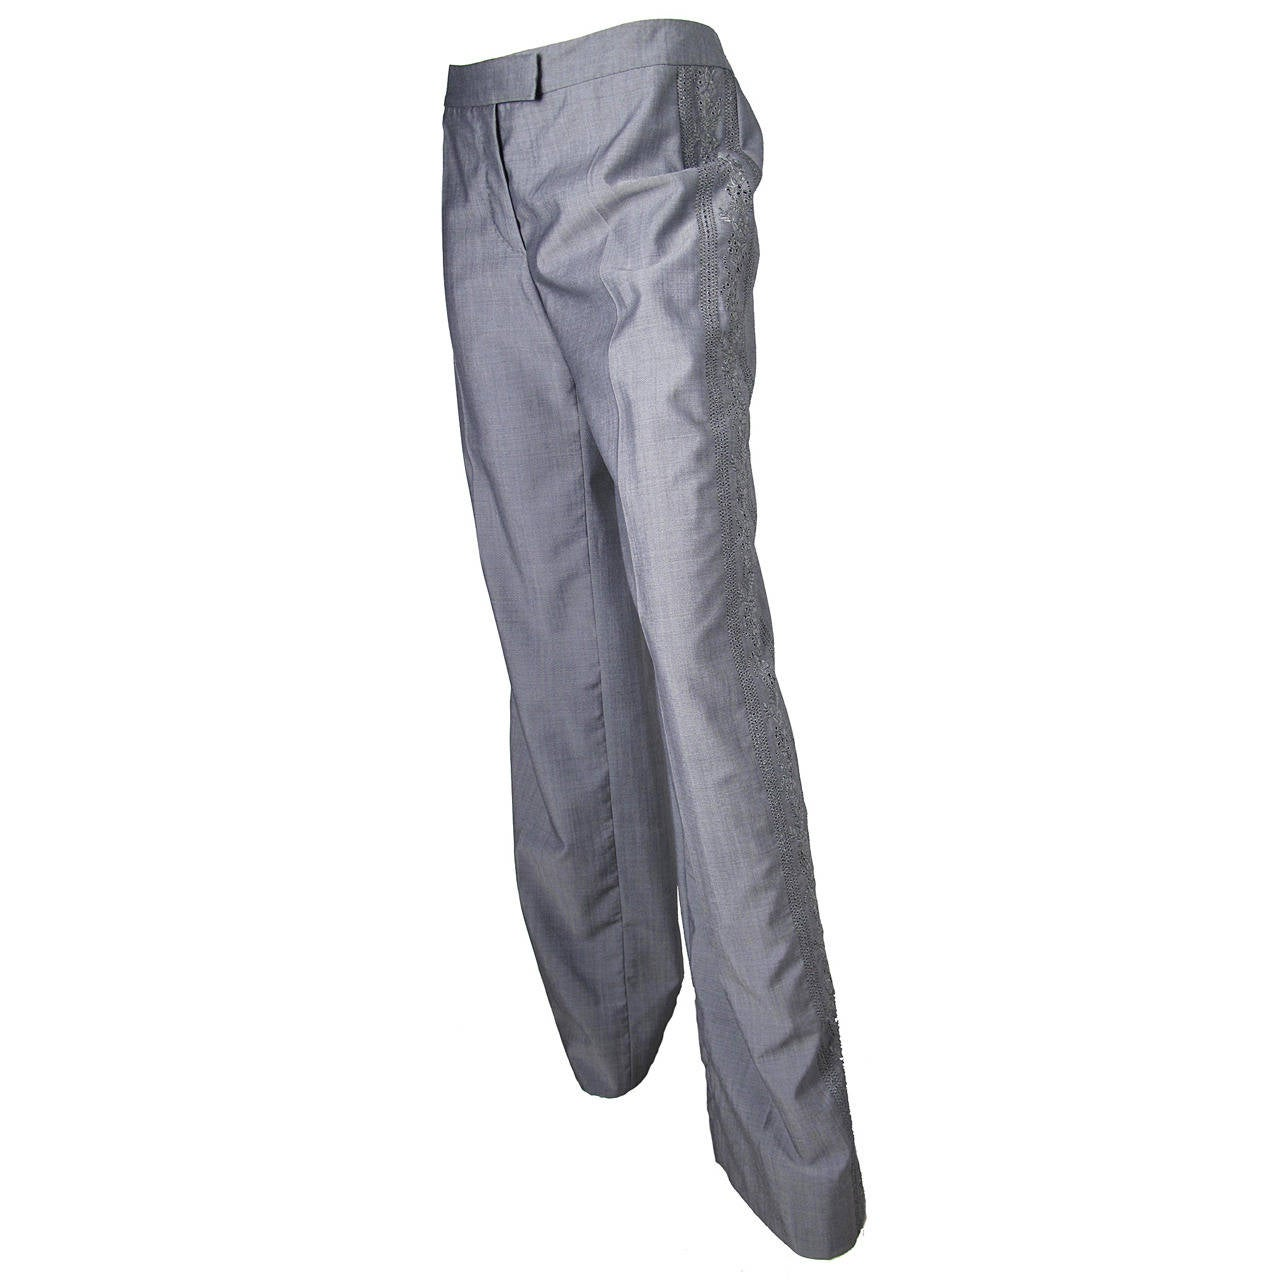 2005 Alexander McQueen Grey Pants - never worn